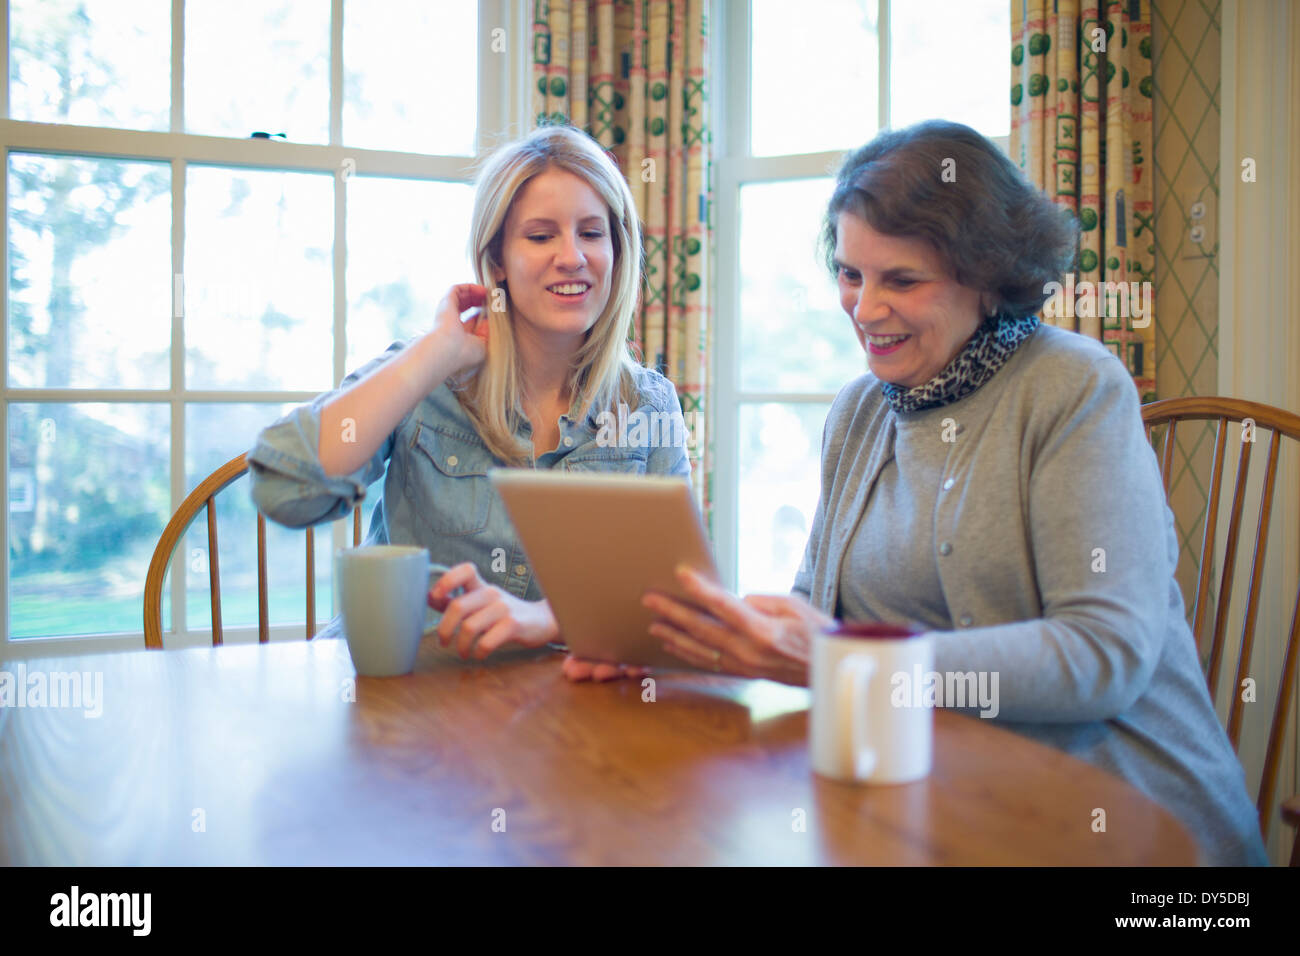 Mujer mayor y su nieta mirando tableta digital Imagen De Stock